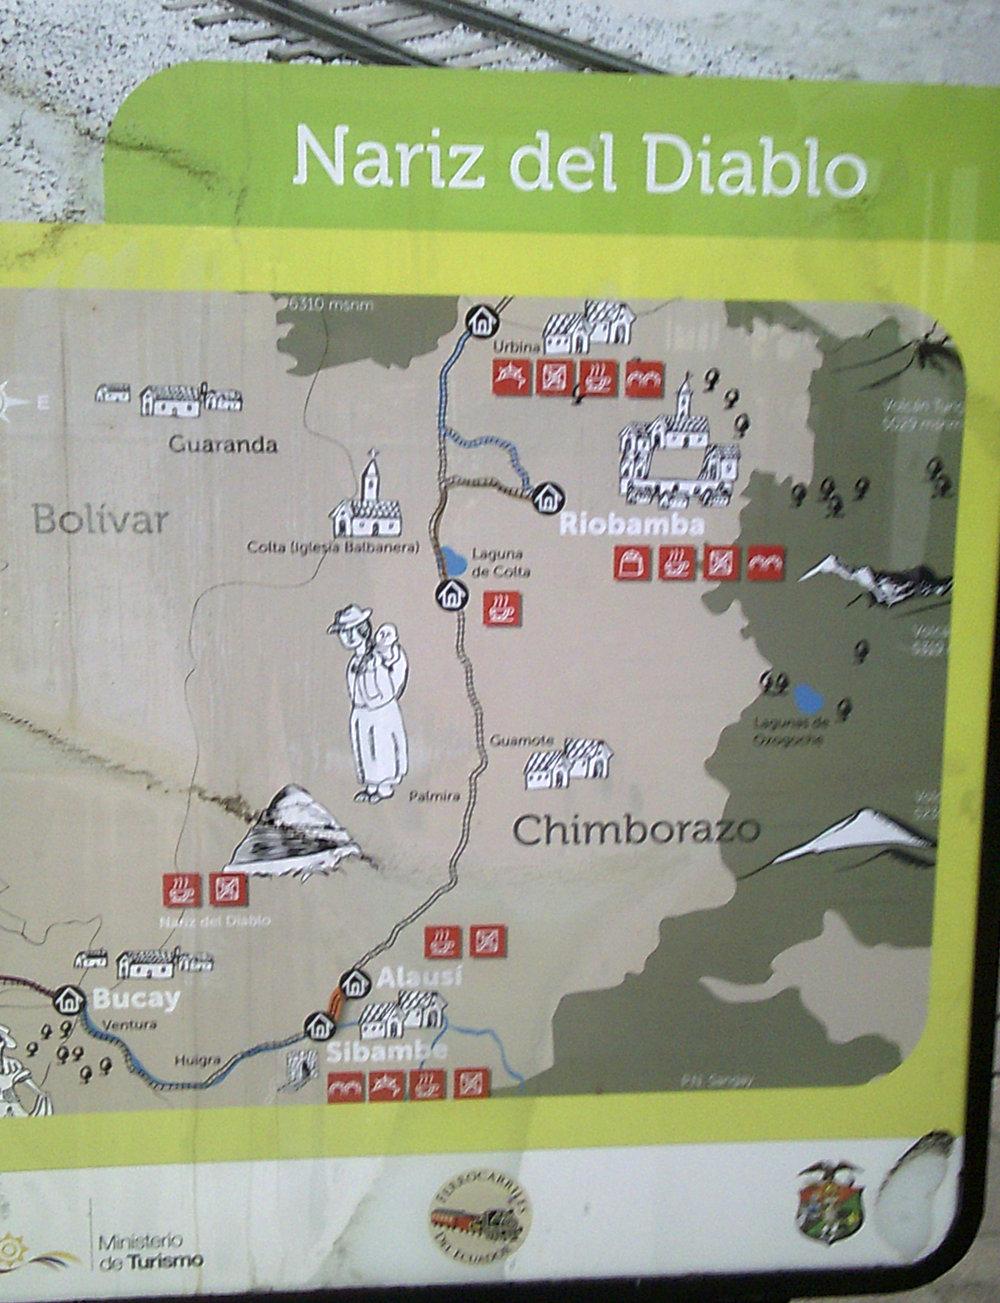 Nariz del Diablo map.jpg